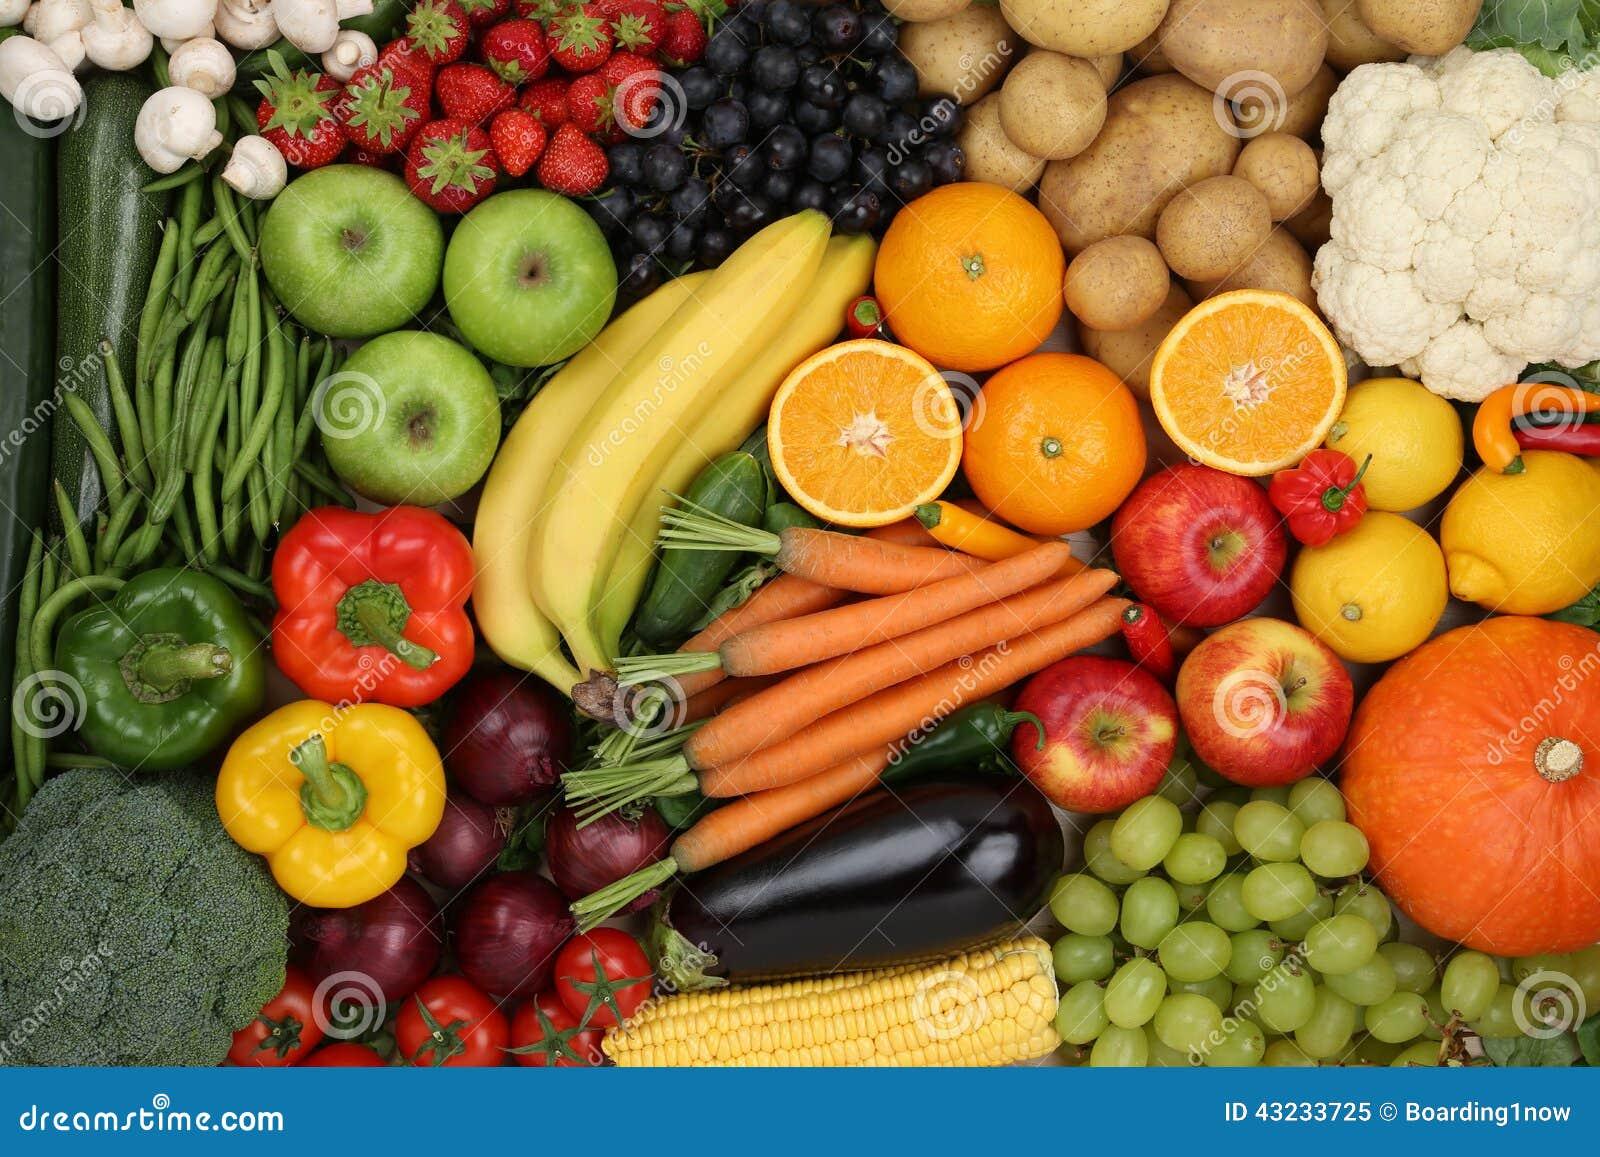 Fondo vegetariano de las frutas y verduras de la consumición sana